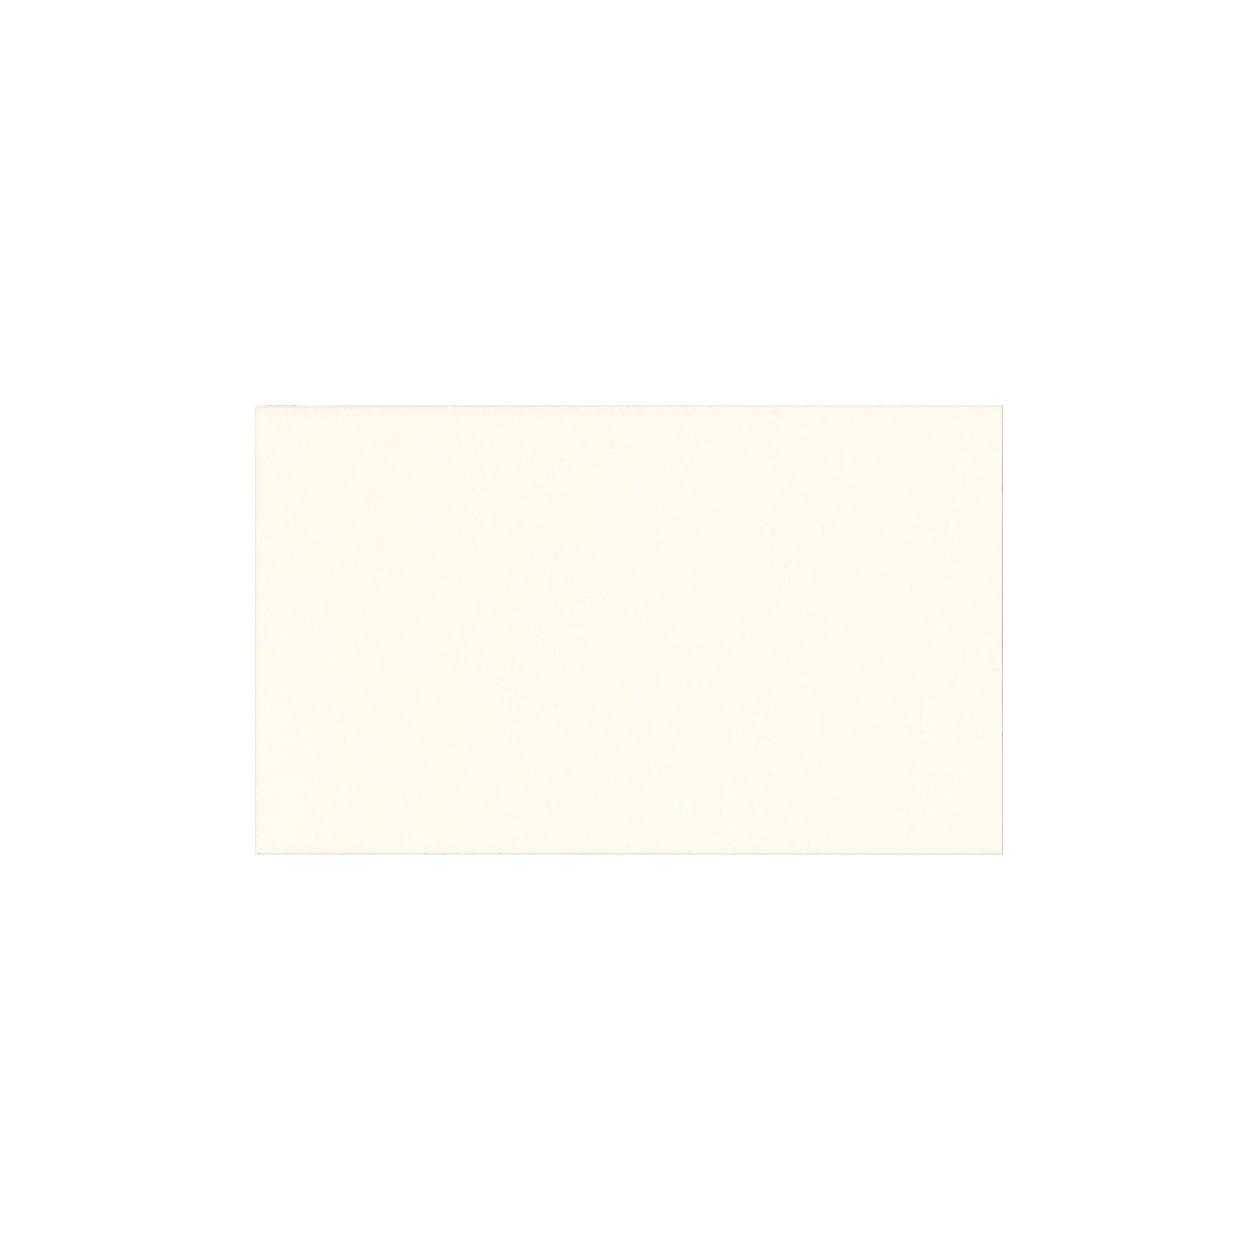 No.57ボーダード ネームカード ミッドナイトブルー 232.8g